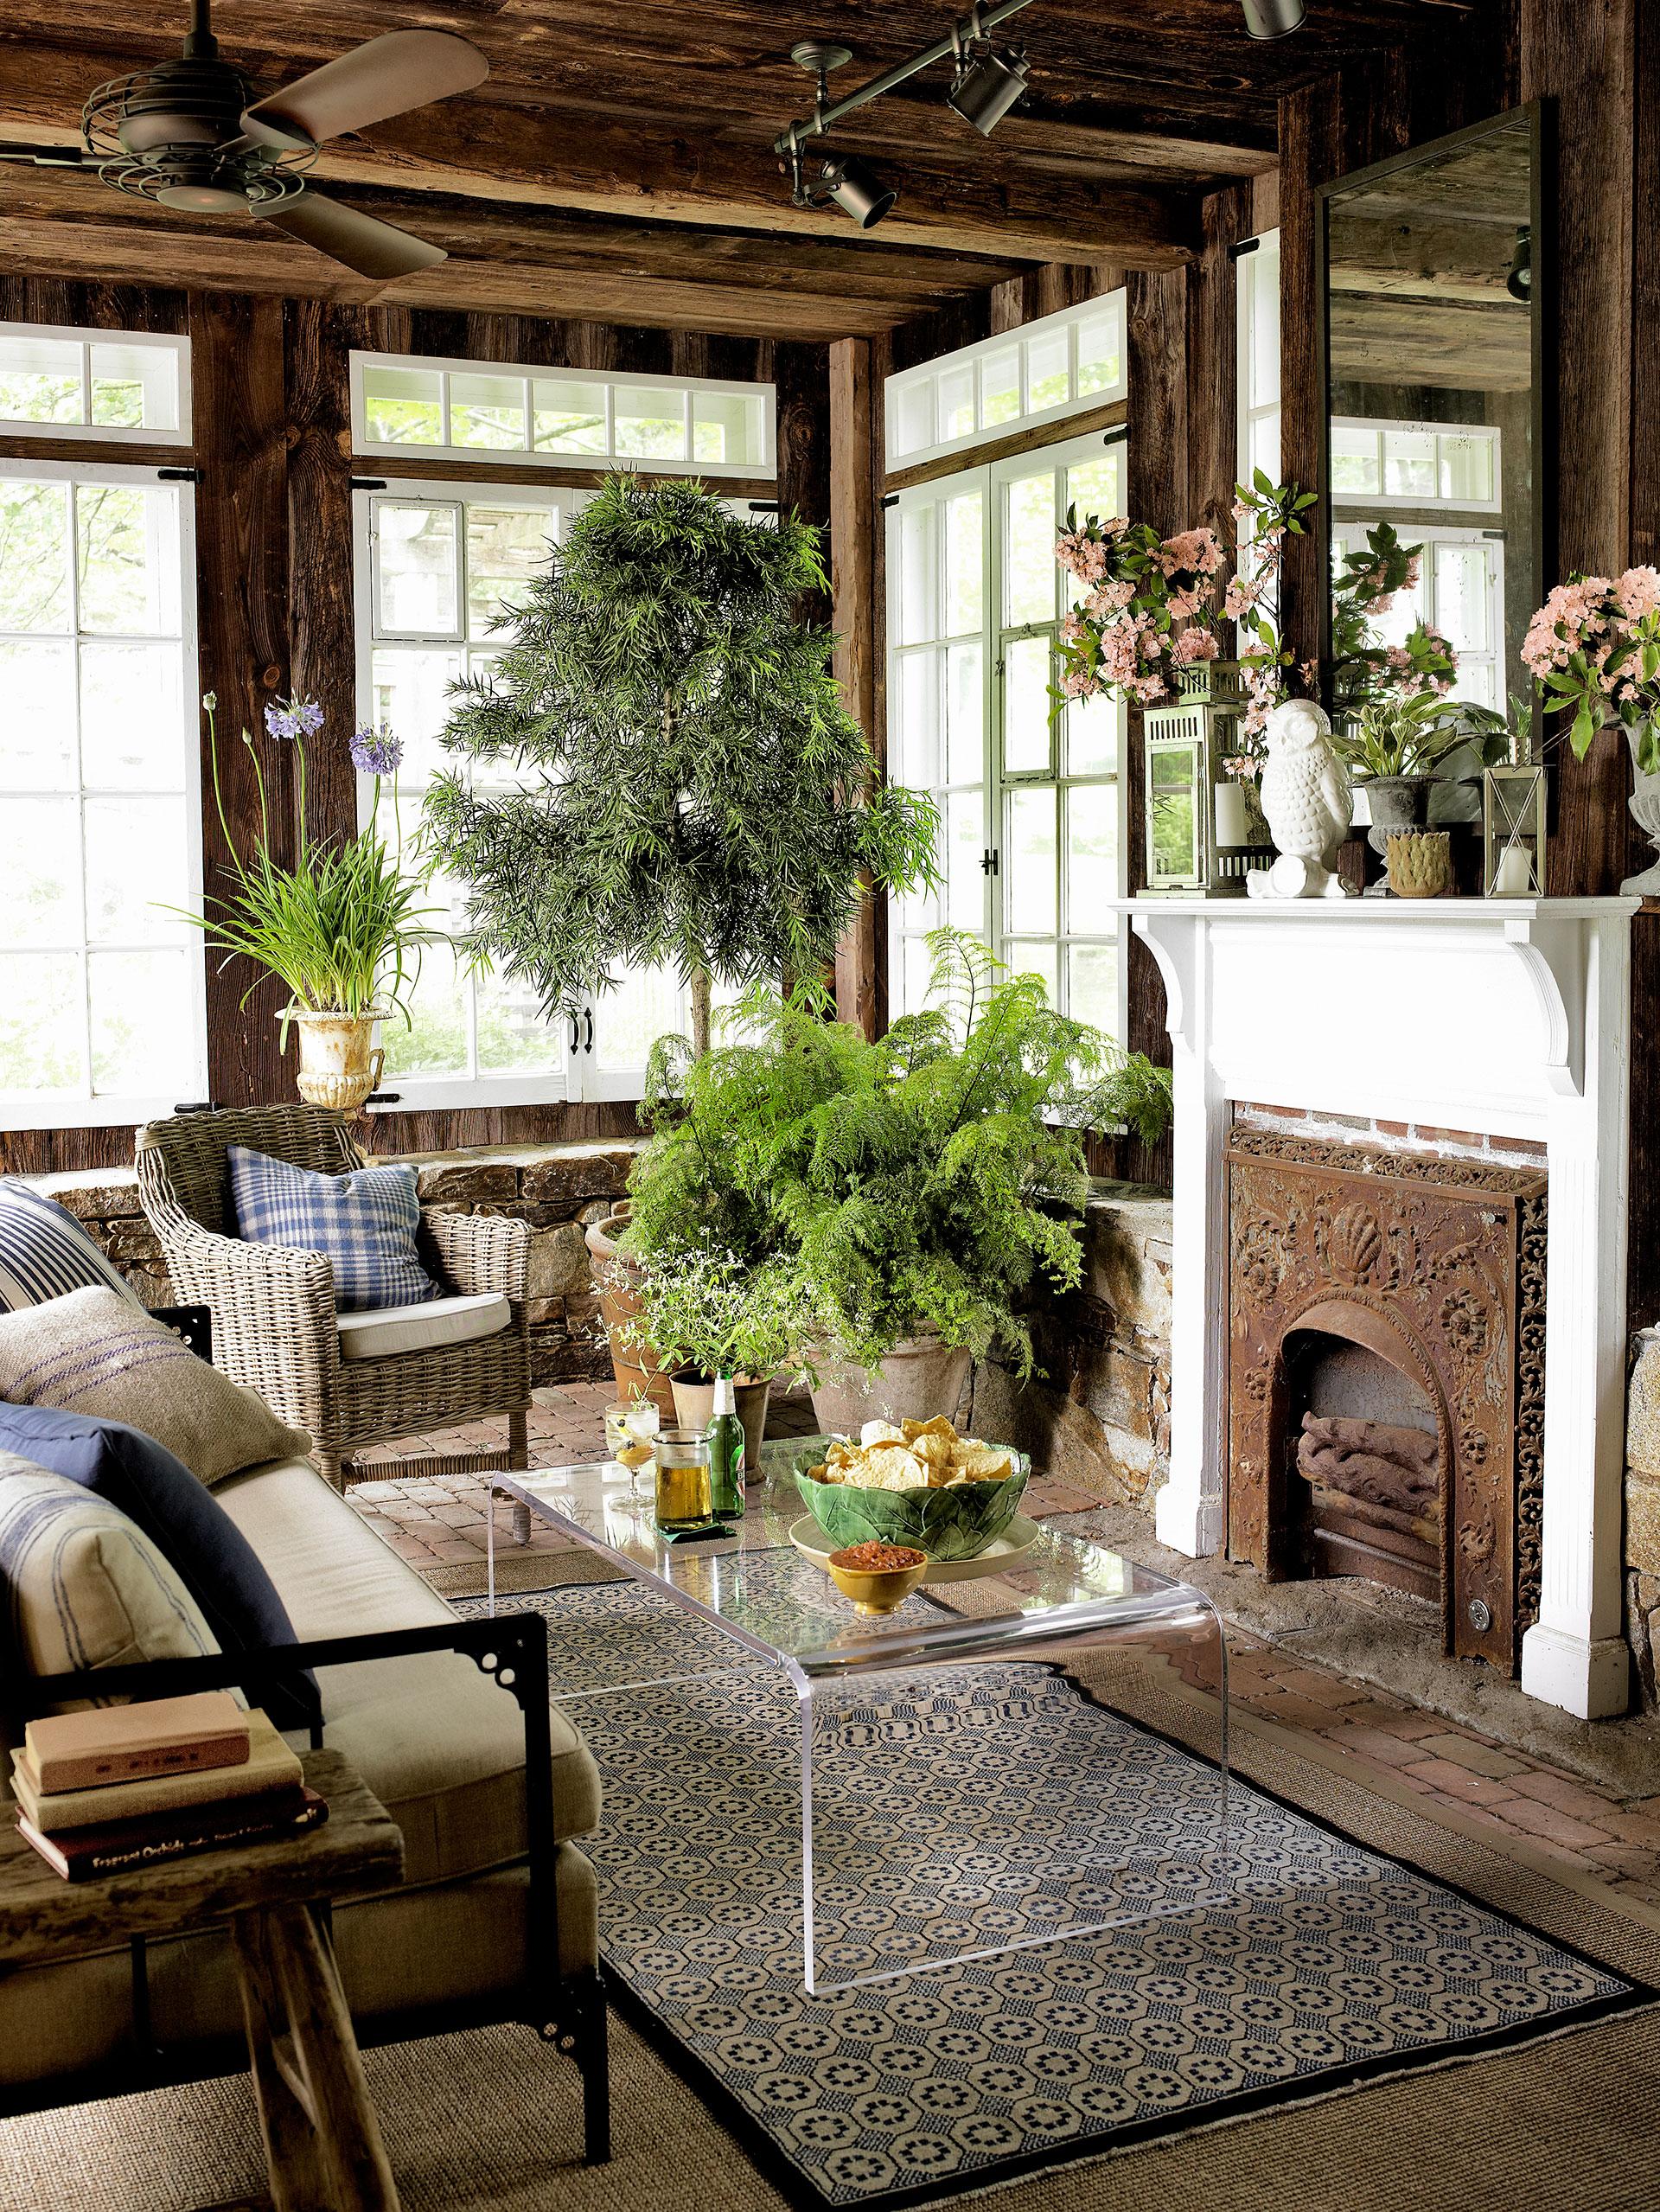 40 Fireplace Design Ideas - Fireplace Mantel Decorating Ideas